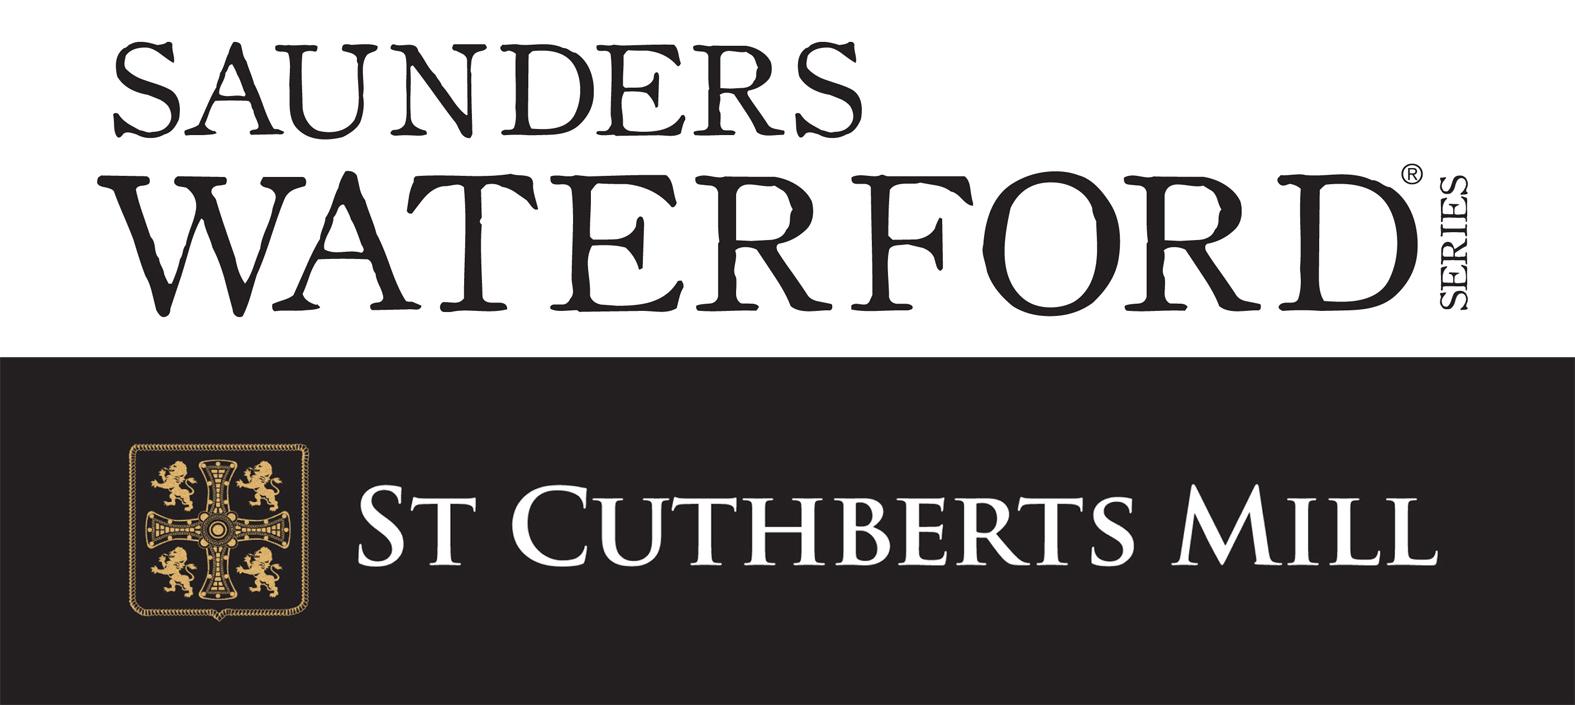 #SaundersWaterford